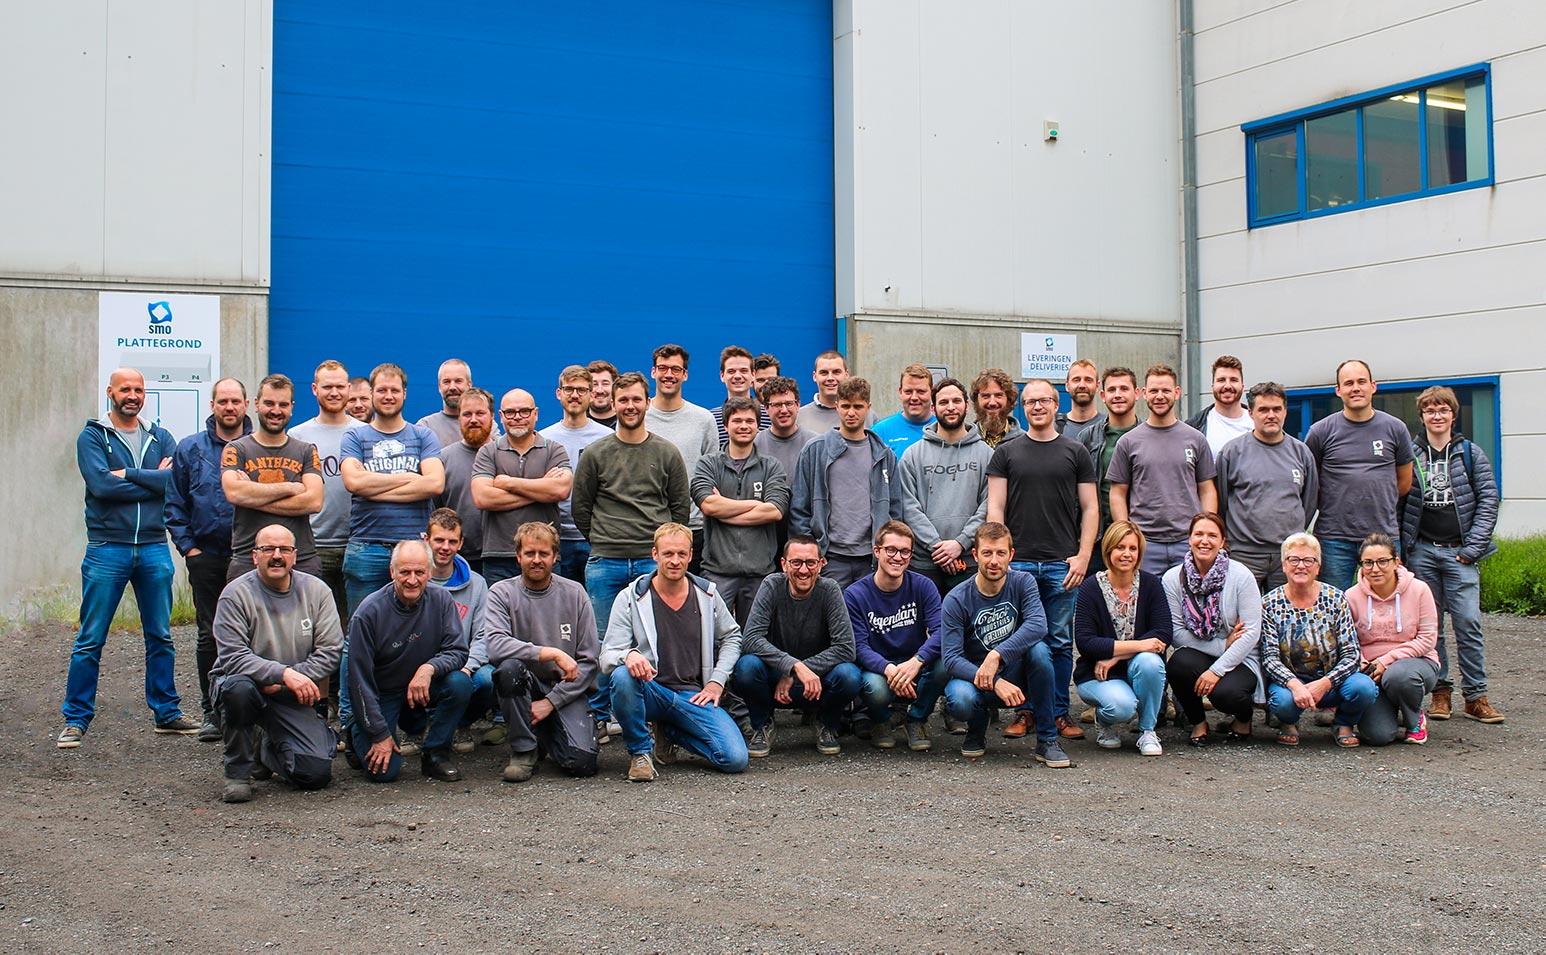 SMO machinebouw groepsfoto